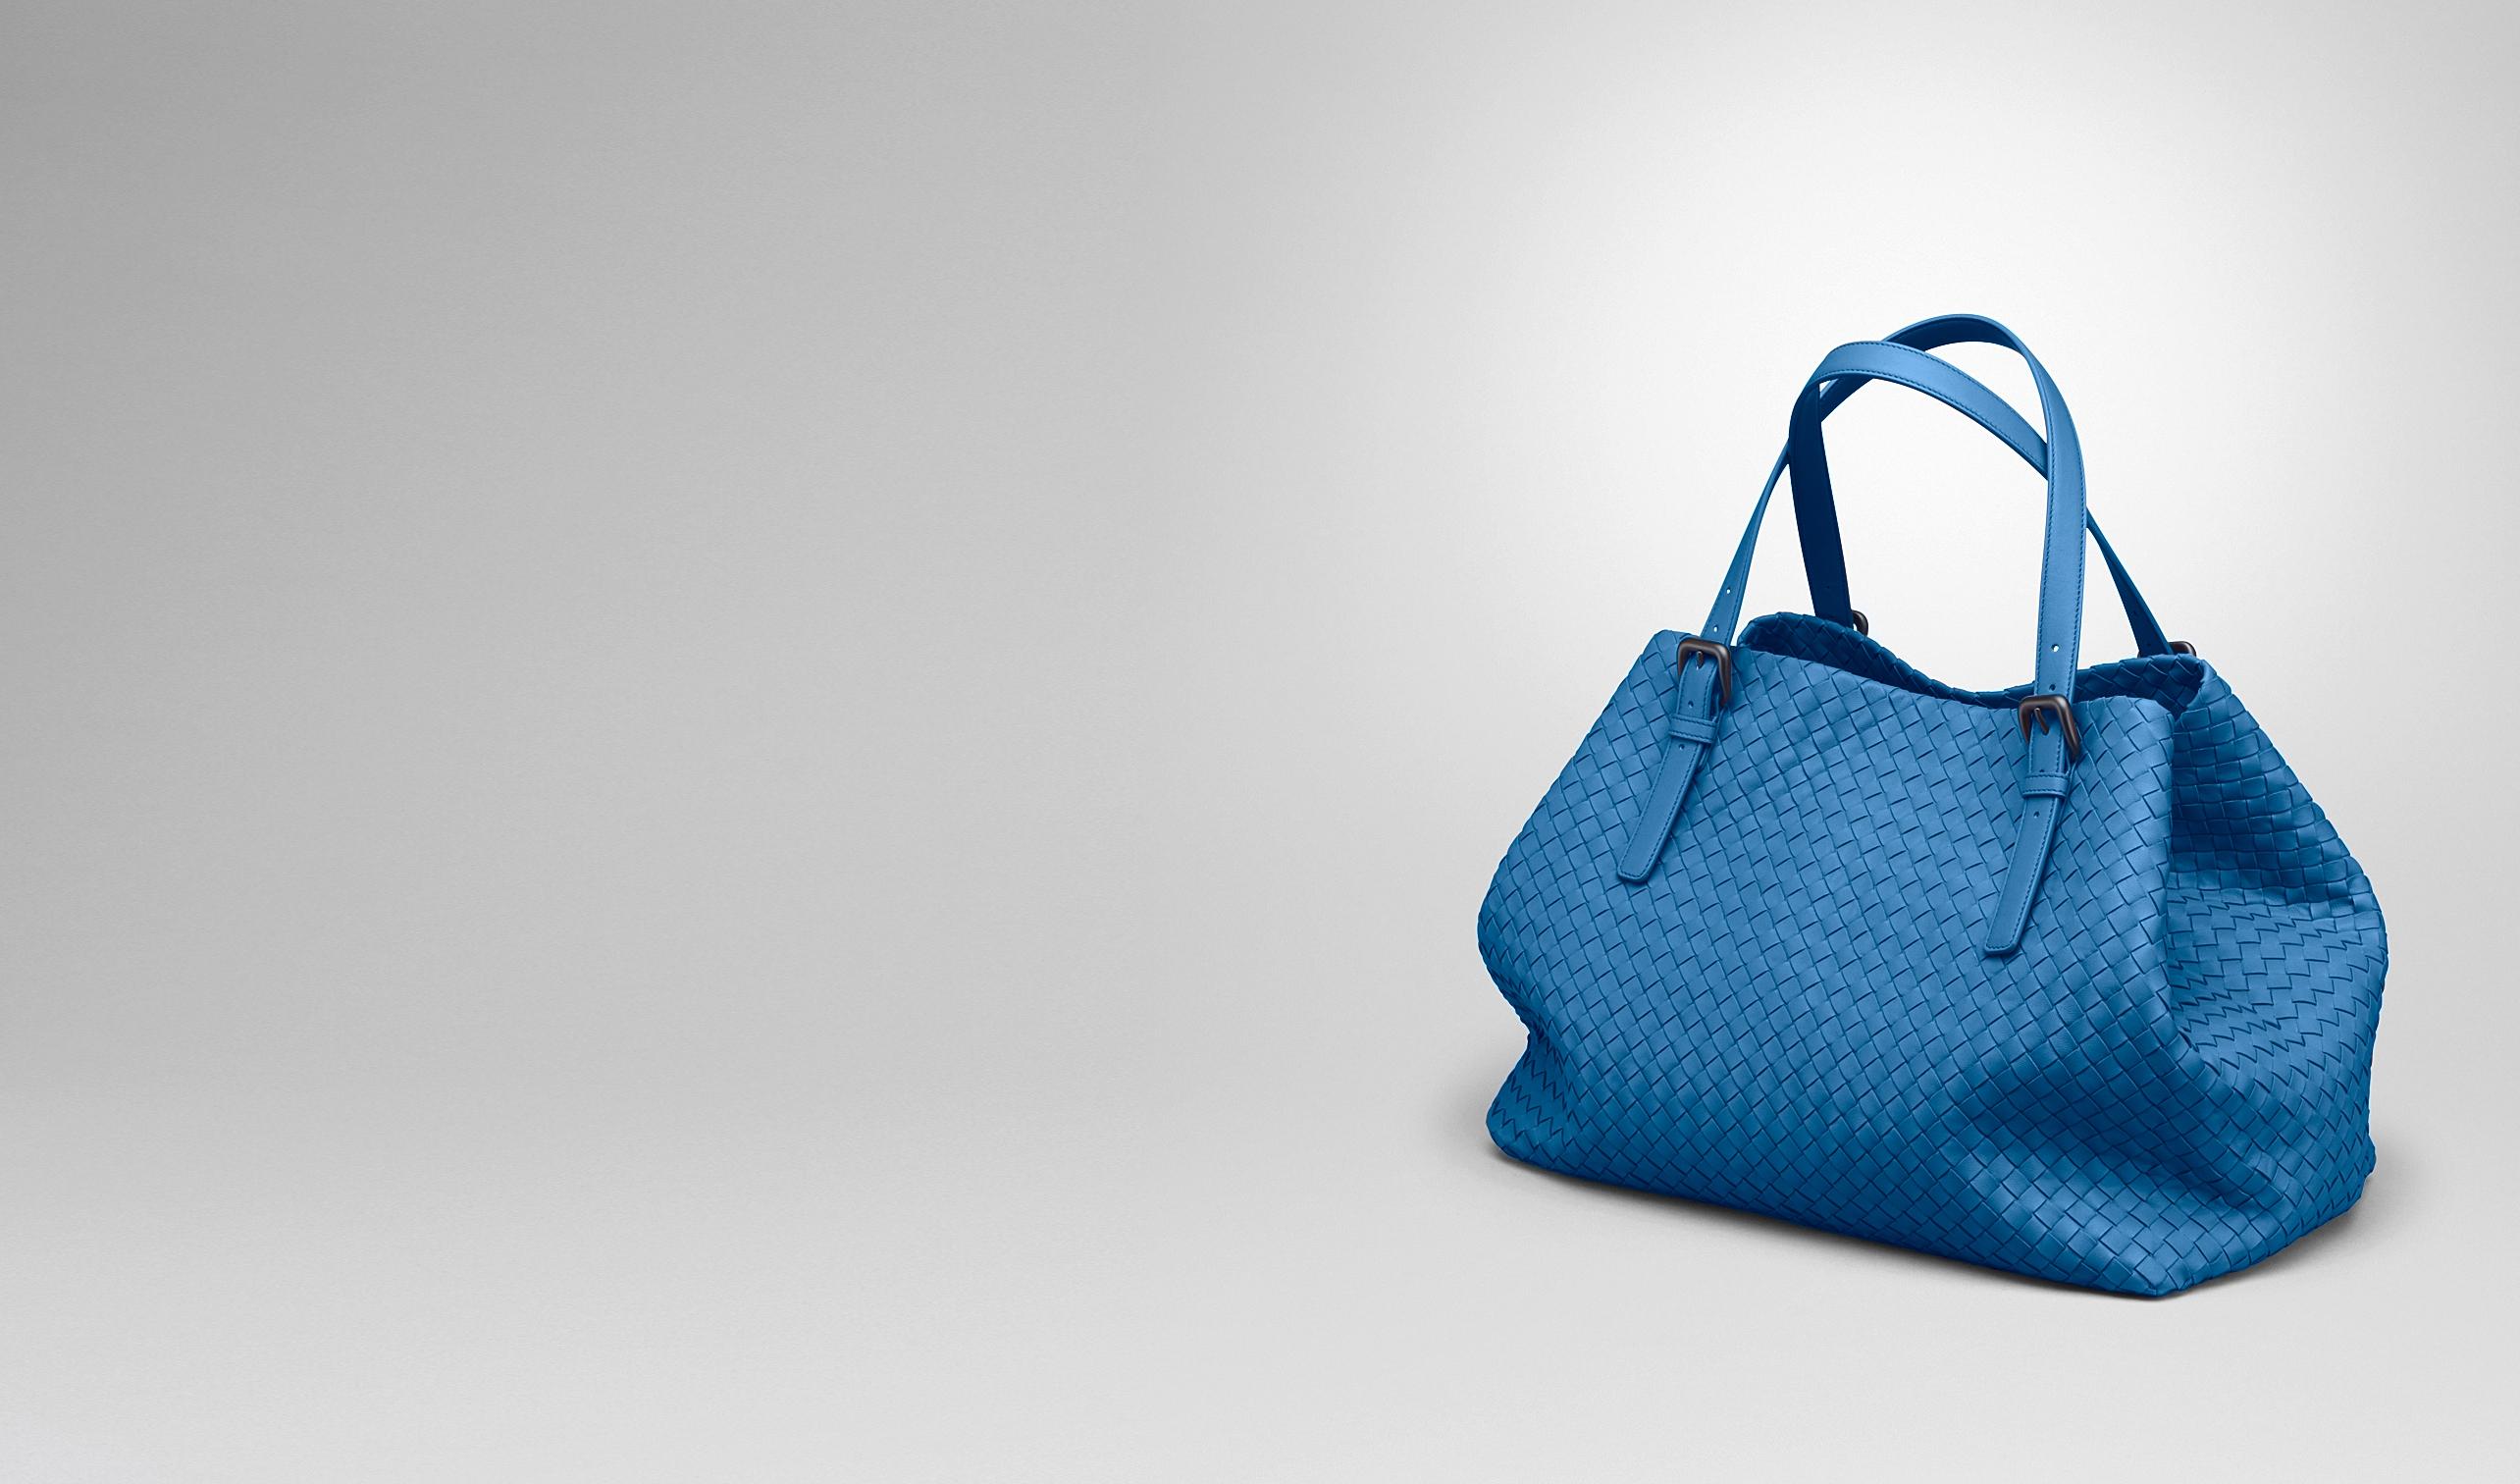 e7dfced997  Bottega Veneta® - LARGE TOTE BAG IN BLUETTE INTRECCIATO NAPPA 